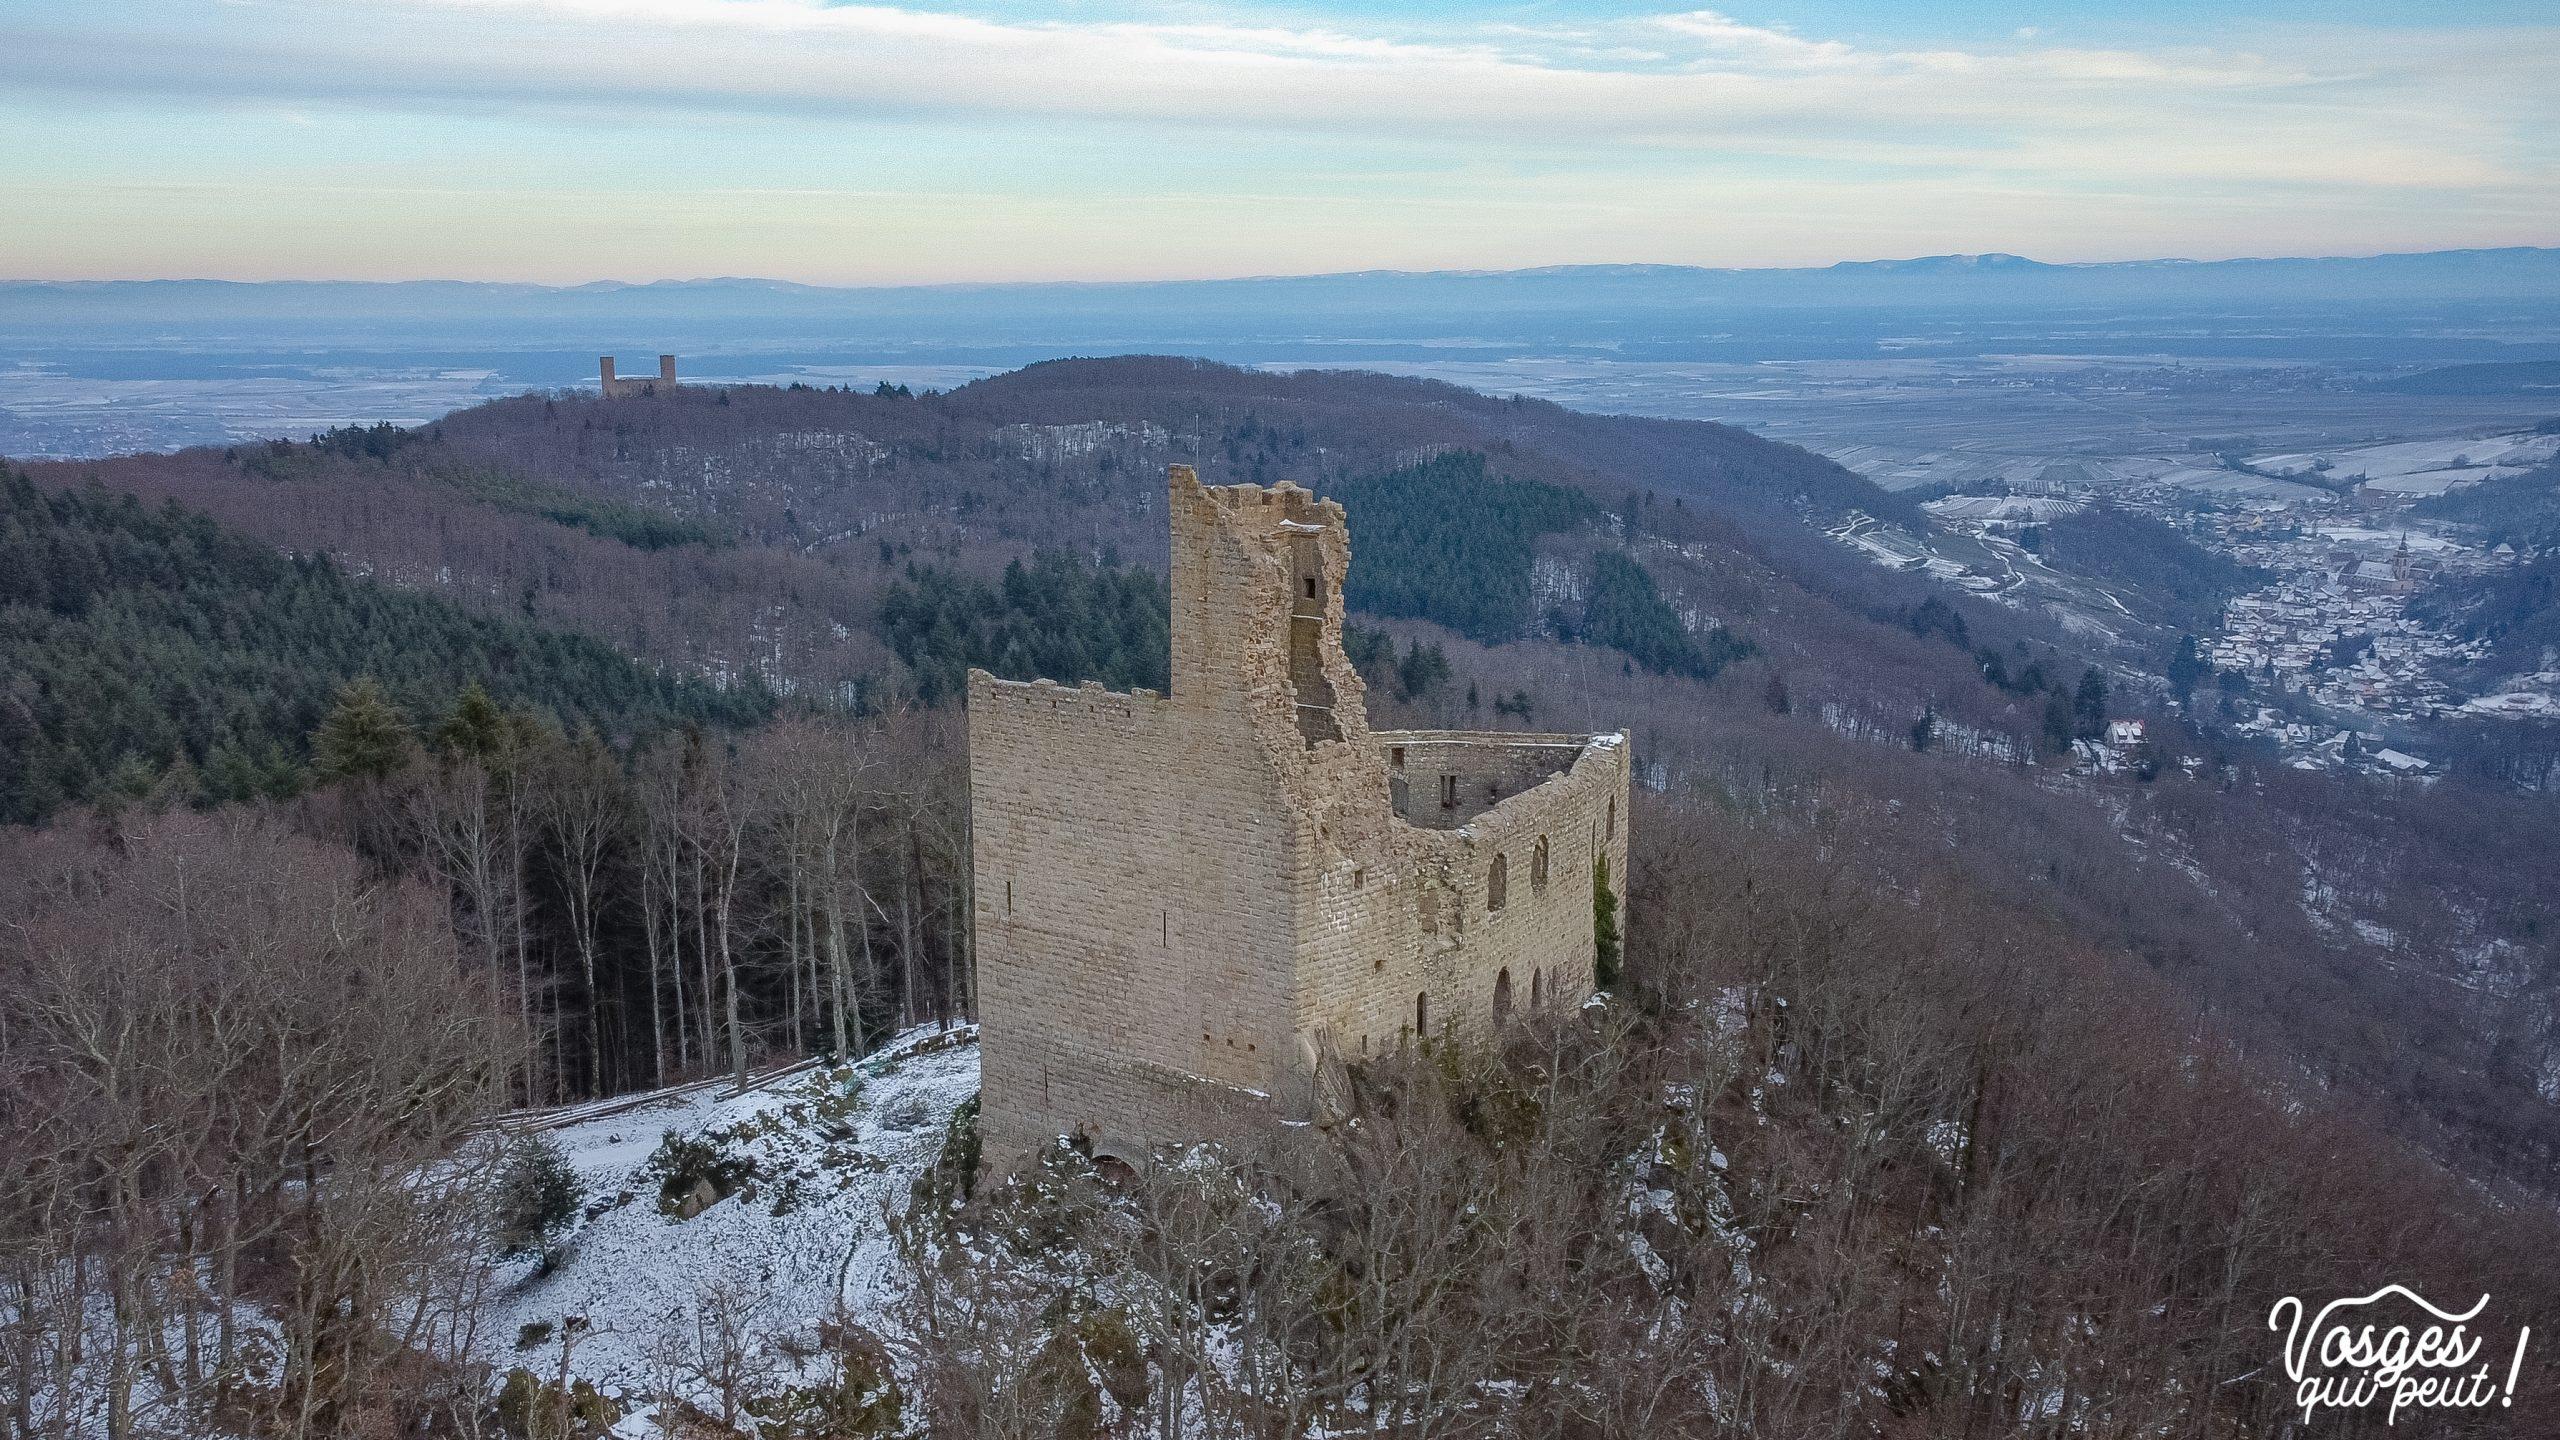 Vue aérienne du château du Spesbourg dans les Vosges